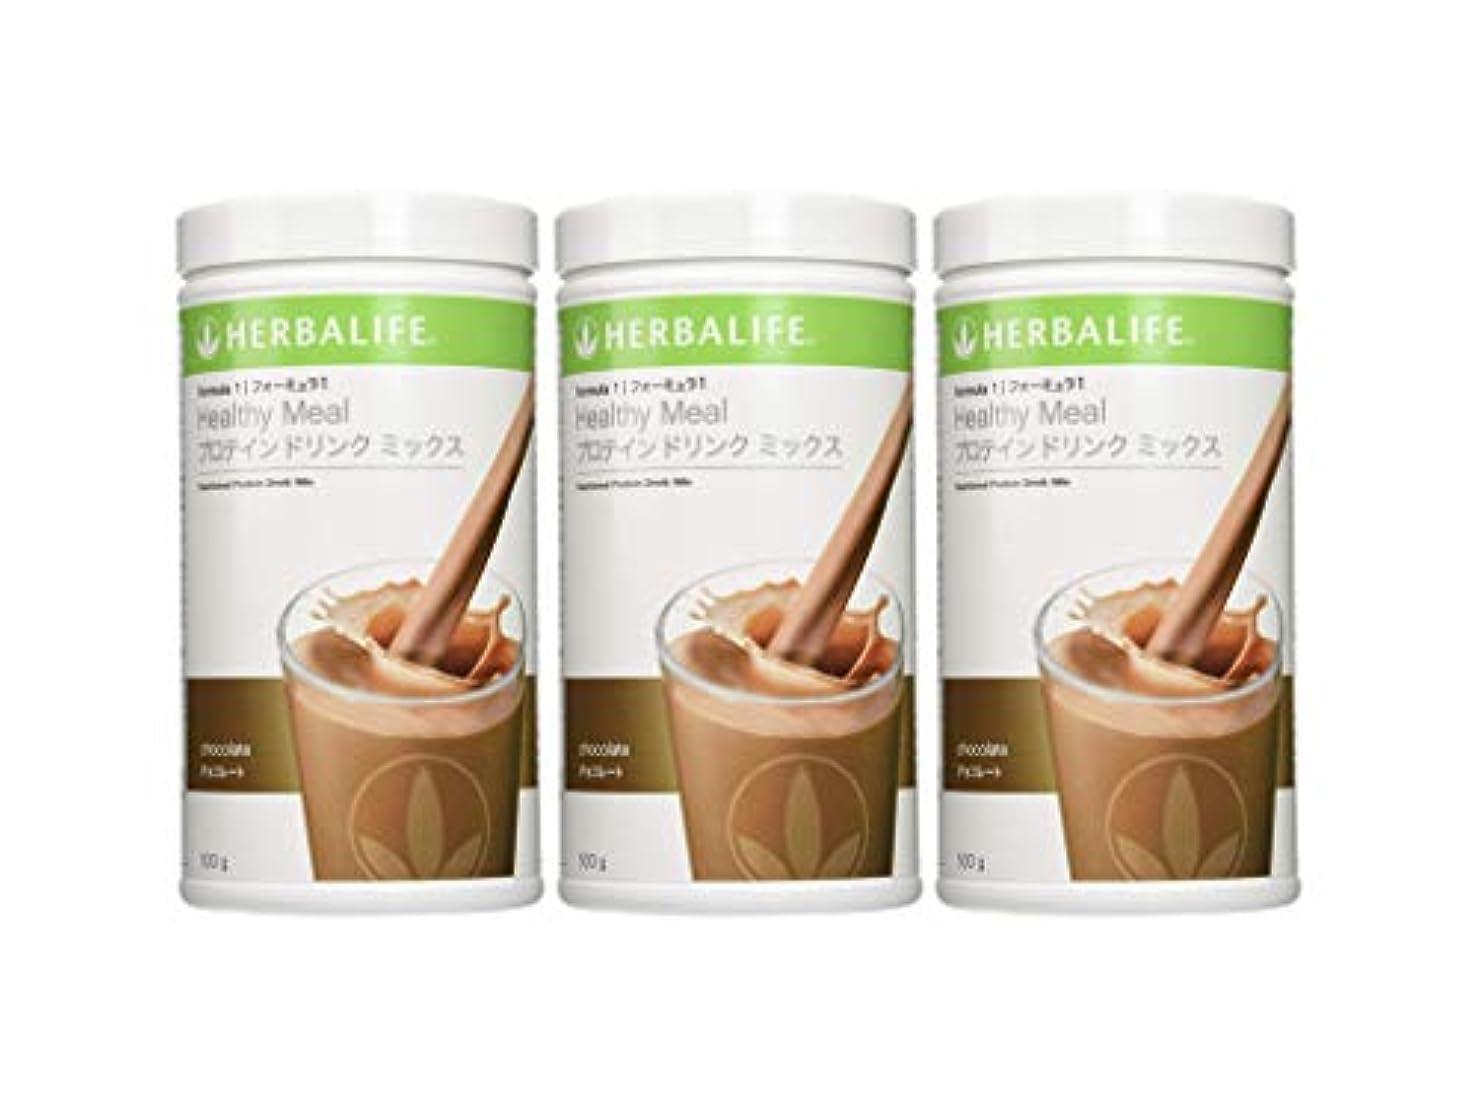 いたずらな残忍な信頼性のある〈お得な3本セット〉ハーバライフ フォーミュラ1 プロテインドリンクミックス- チョコレート味